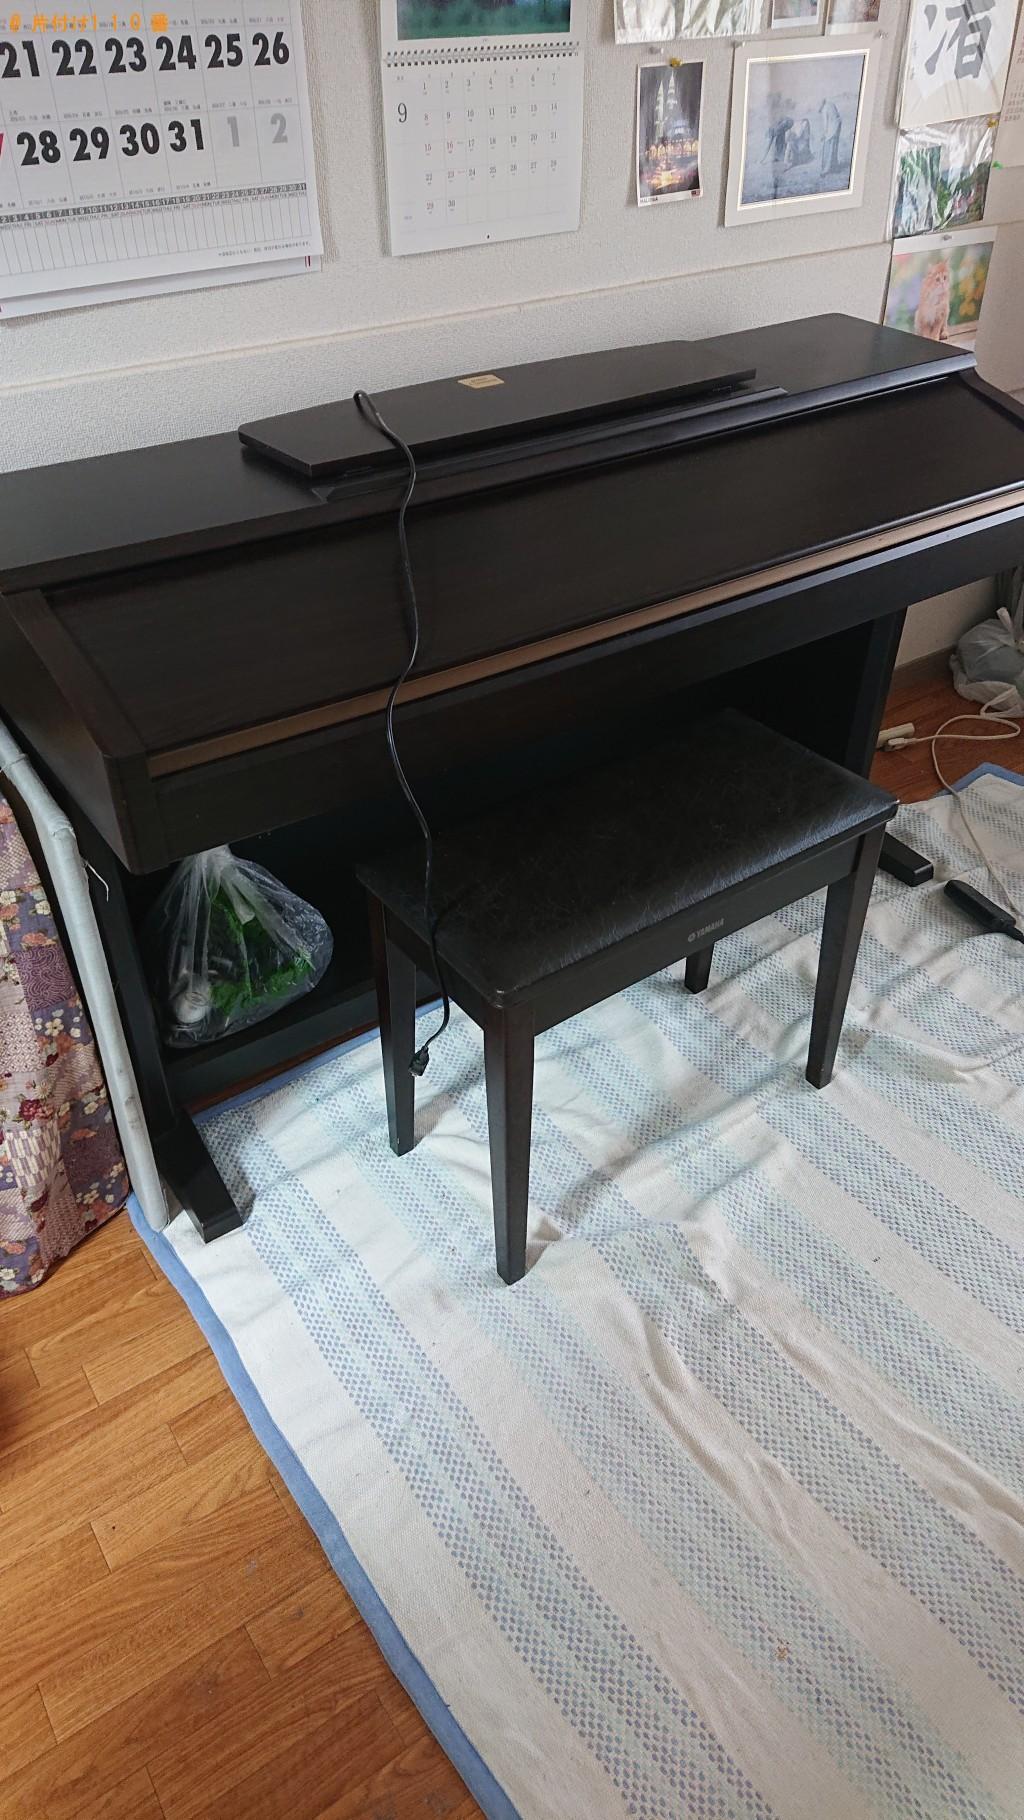 【伊丹市】電子ピアノ1点の回収・処分 お客様の声